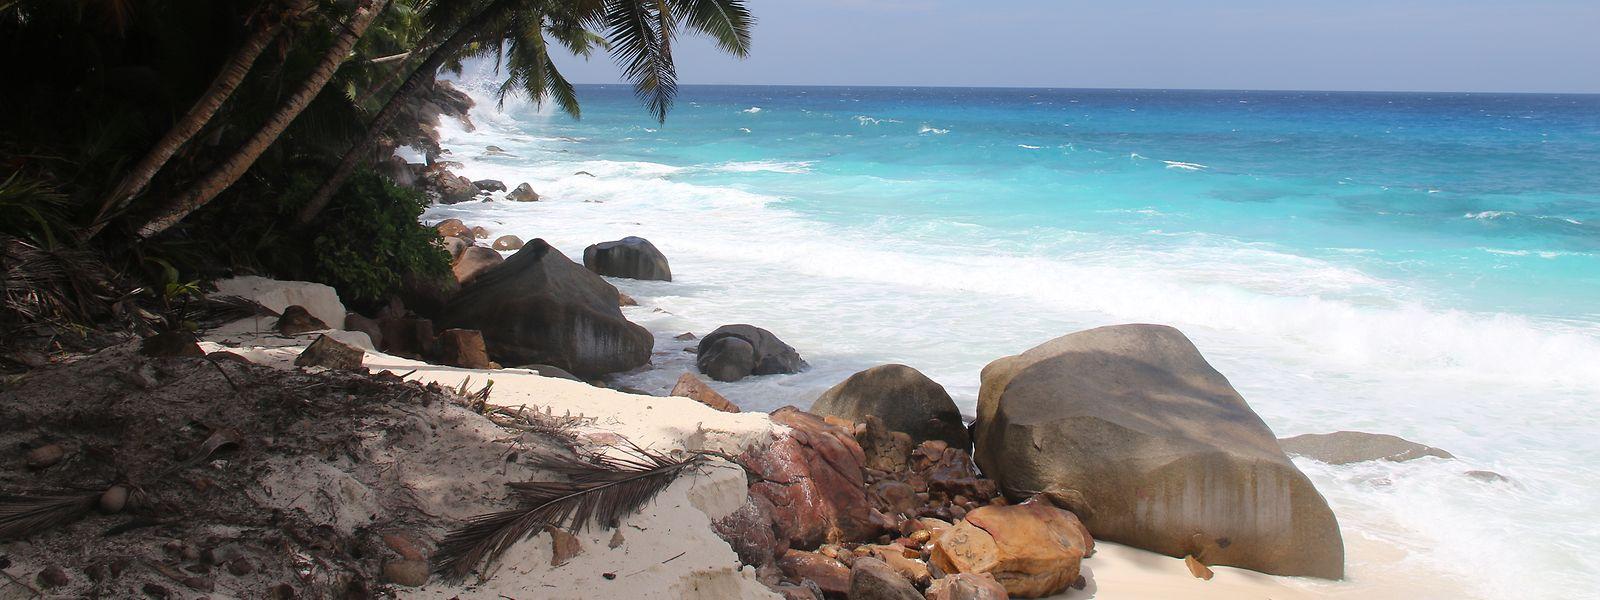 Bilderbuchparadies: Auf der kleinen Insel Frégate erobert sich die Natur langsam ihren Platz zurück. Für die Postkartenidylle sorgen bereits jetzt der weiße Sandstrand, das türkisblaue Wasser und die Palmen.